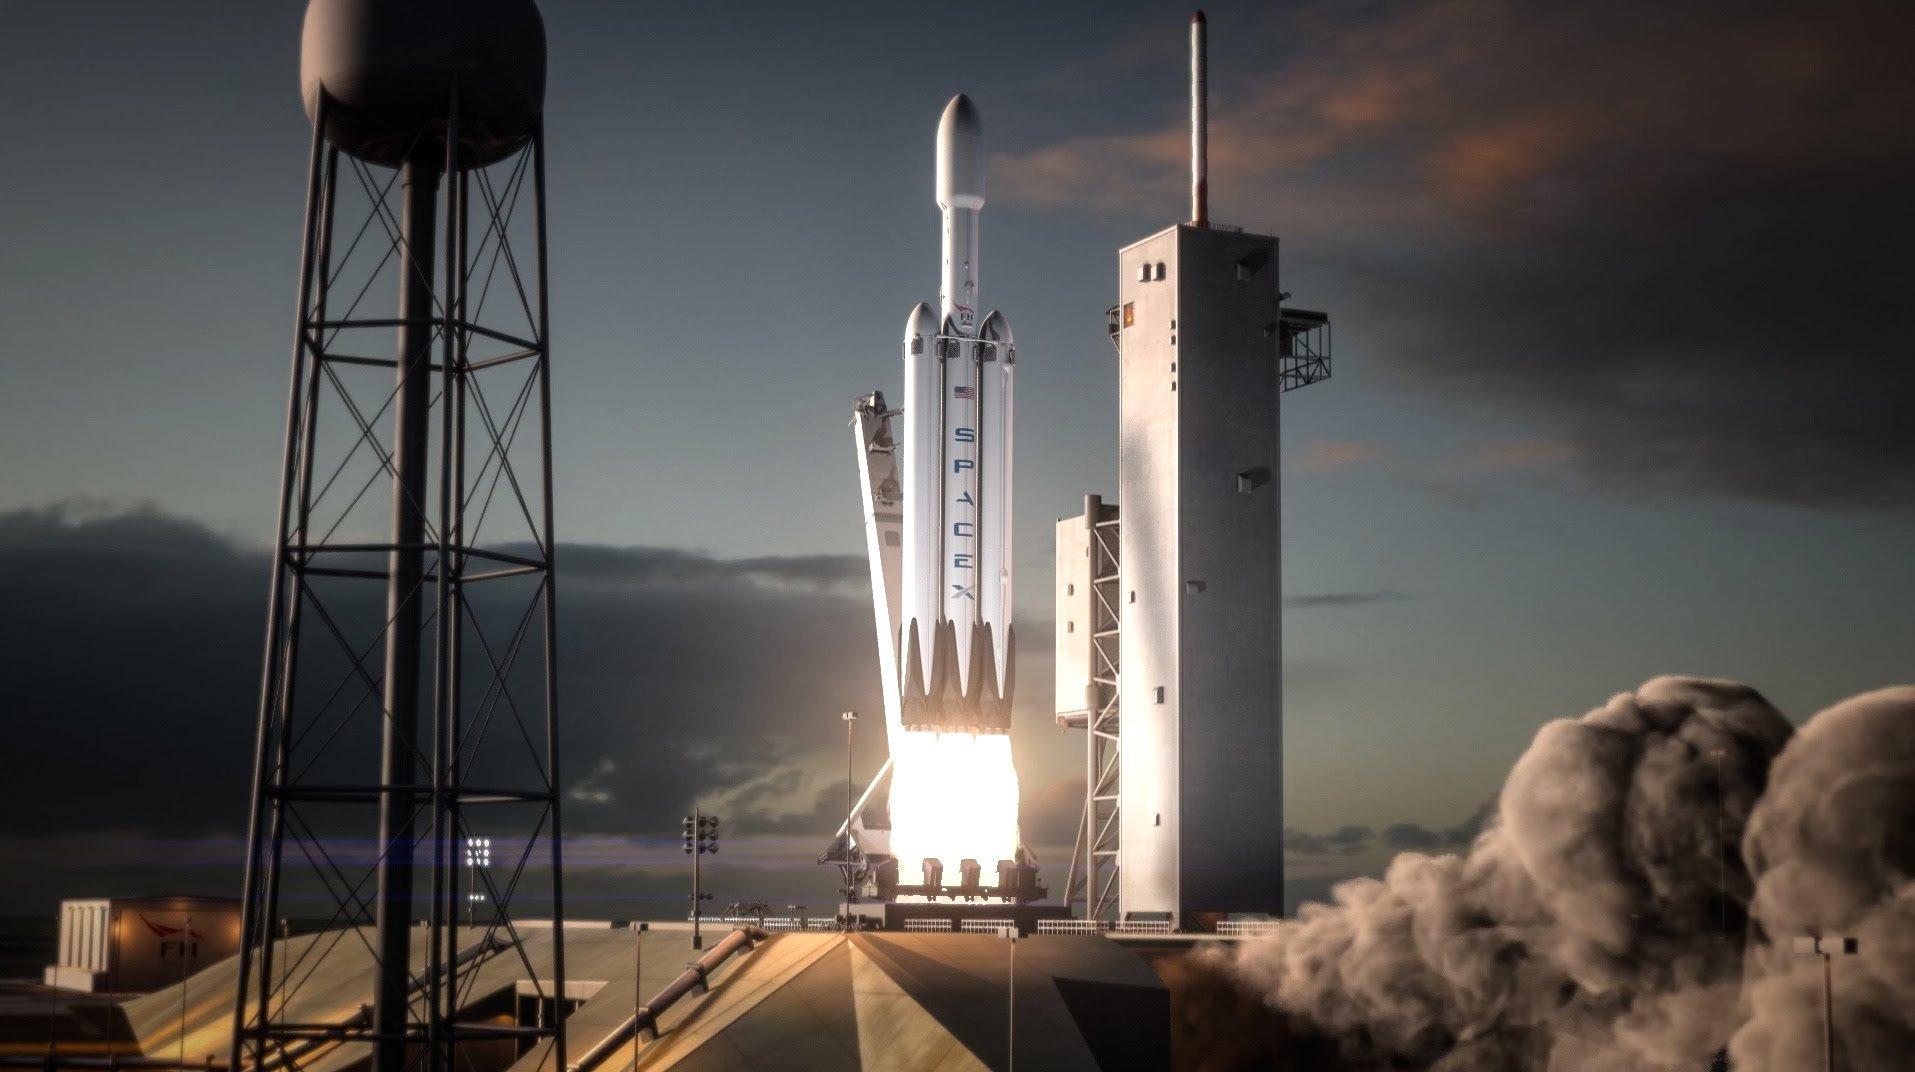 Elon Musk gələn ay Marsa uçacaq Falcon Heavy raketini təqdim etdi